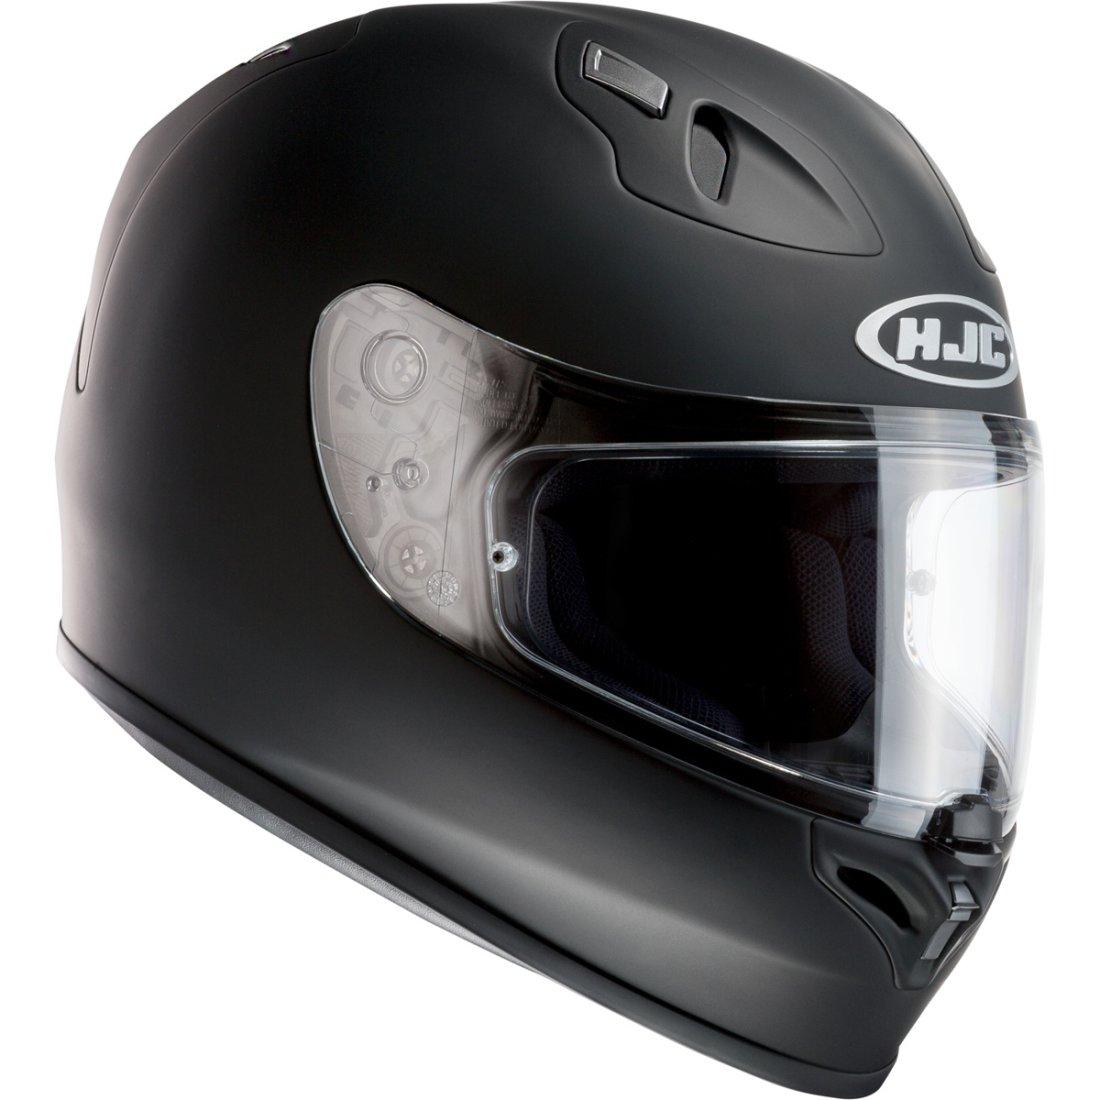 Hjc Fg 17 >> Hjc Fg 17 Matt Black Helmet Motocard